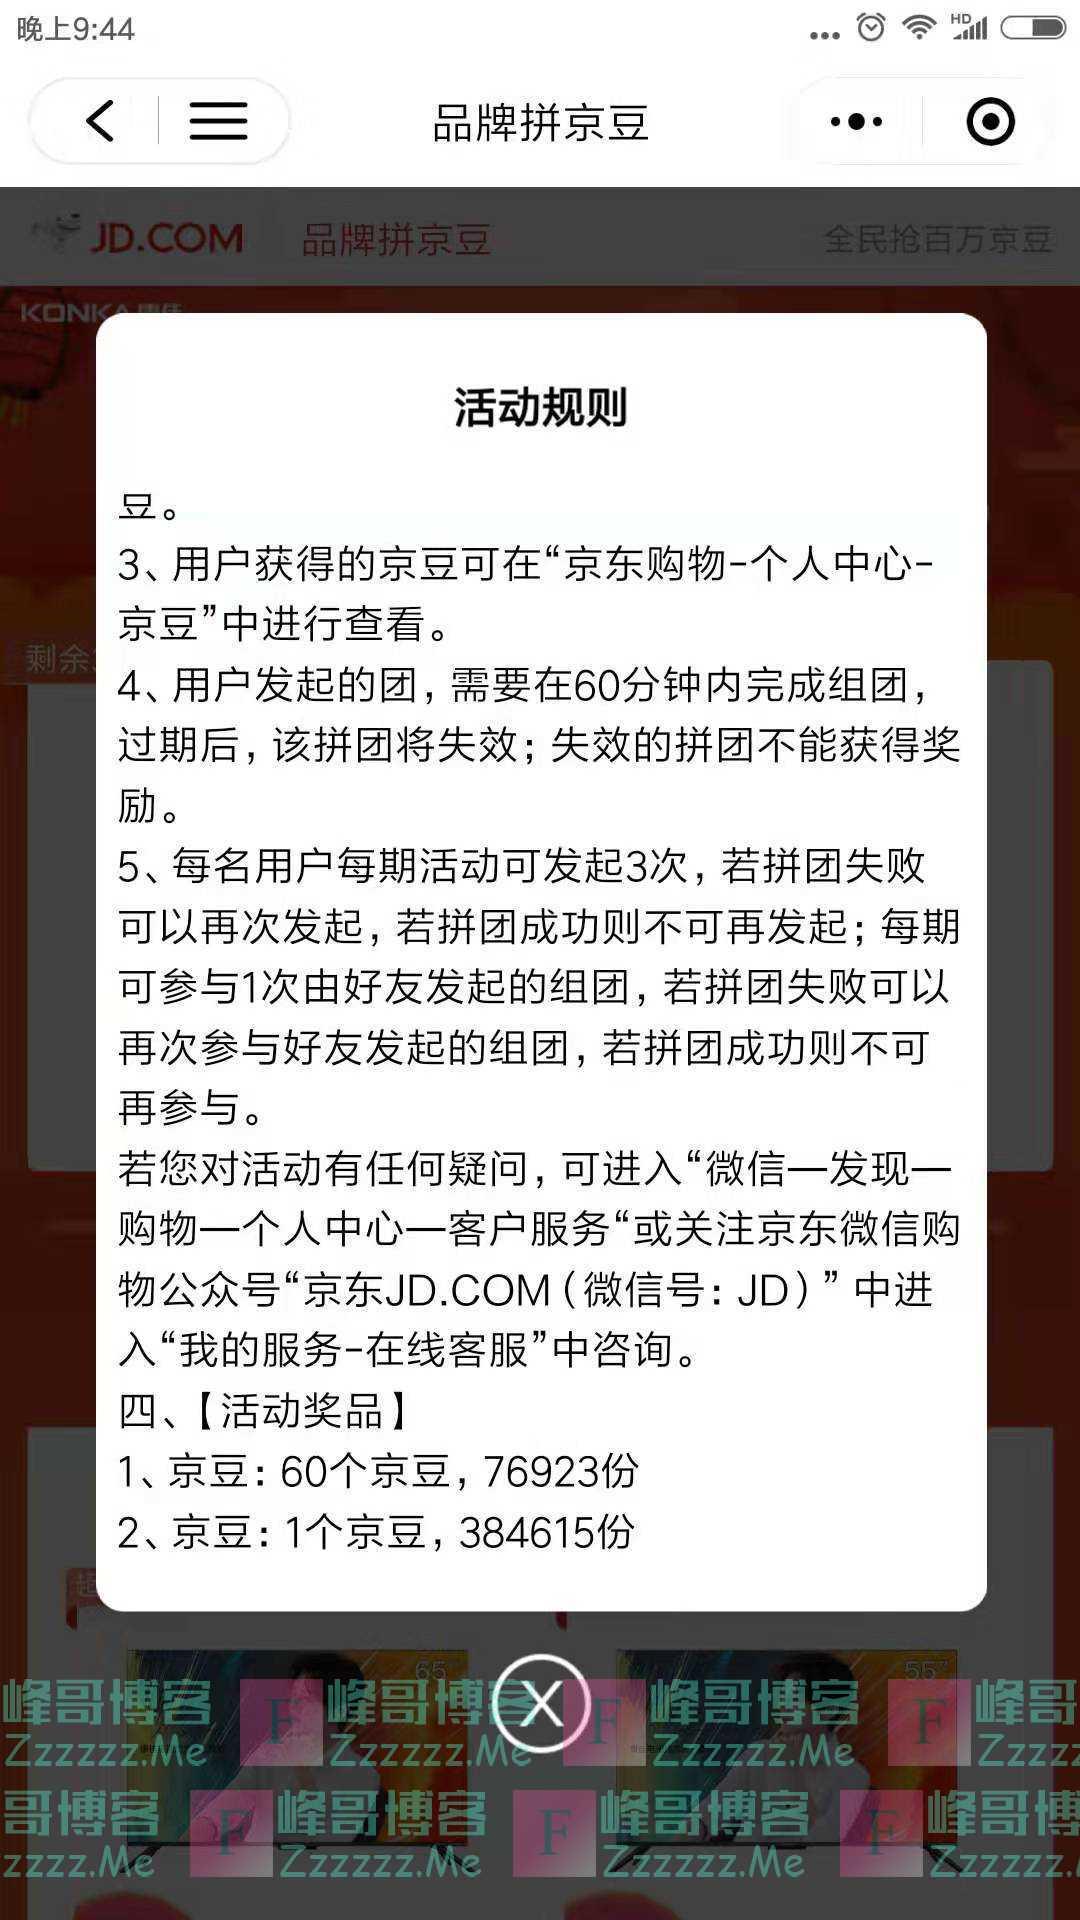 京东购物康佳电视撒500W京豆(截止1月7日)